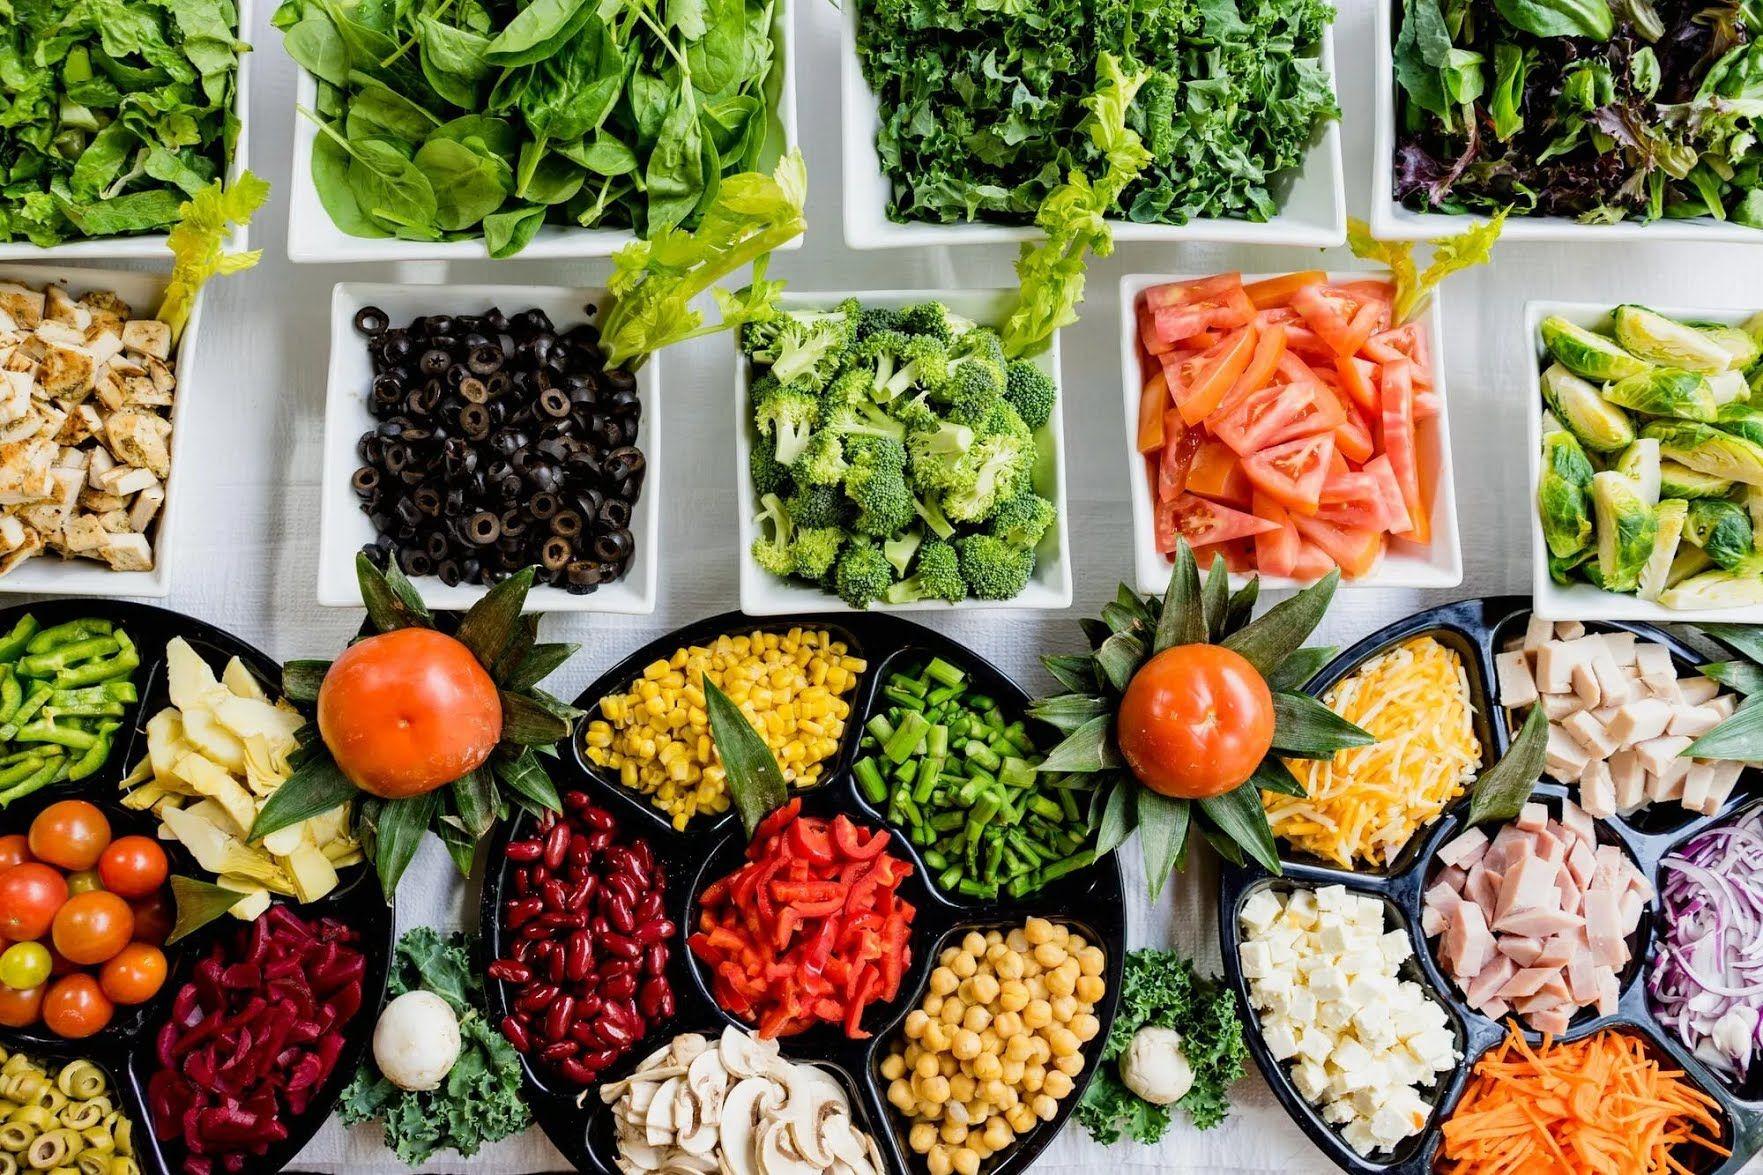 По середах і п'ятницях у Петрів піст можна їсти хліб, сіль, сирі овочі та фрукти, сухофрукти, горіхи, мед, пити воду